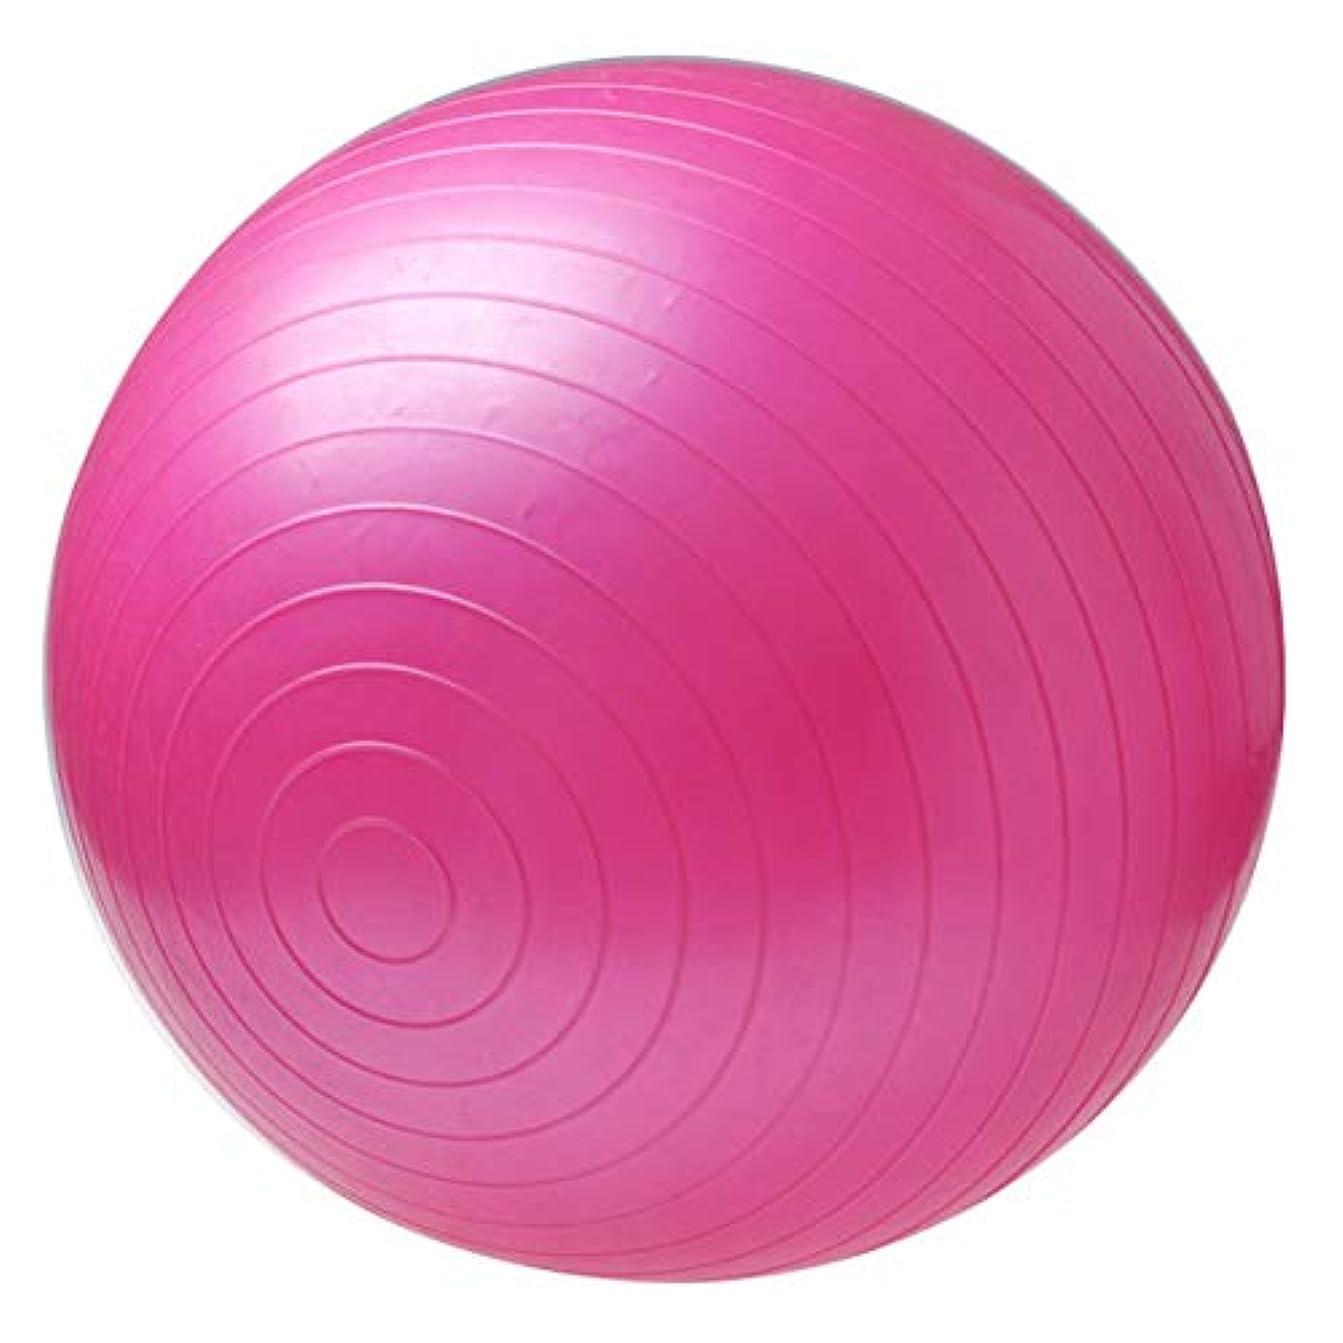 加速度関与する古風な非毒性スポーツヨガボールボラピラティスフィットネスジムバランスフィットボールエクササイズピラティスワークアウトマッサージボール - ピンク75センチ